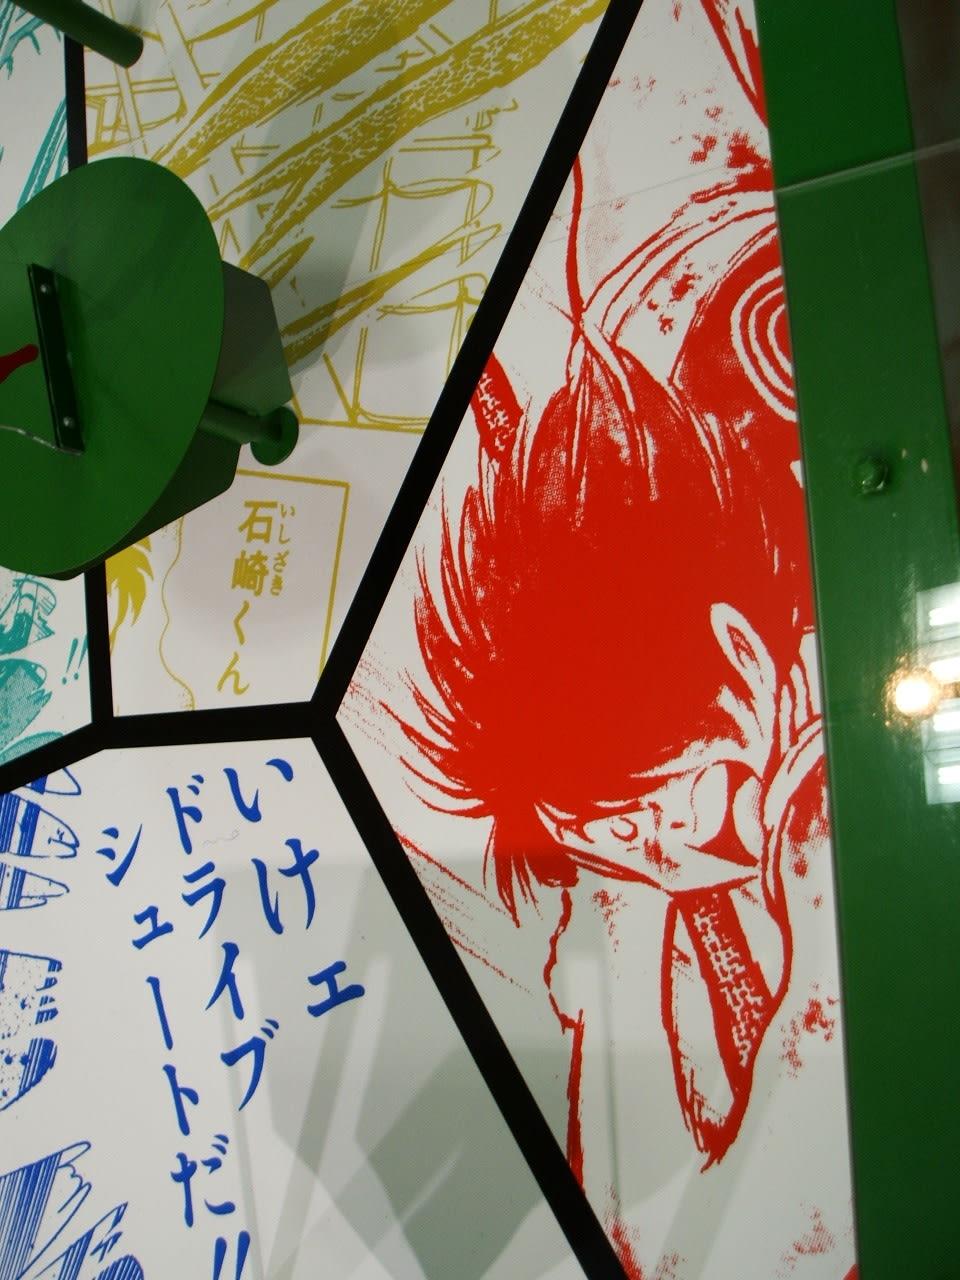 三杉淳の画像 p1_35